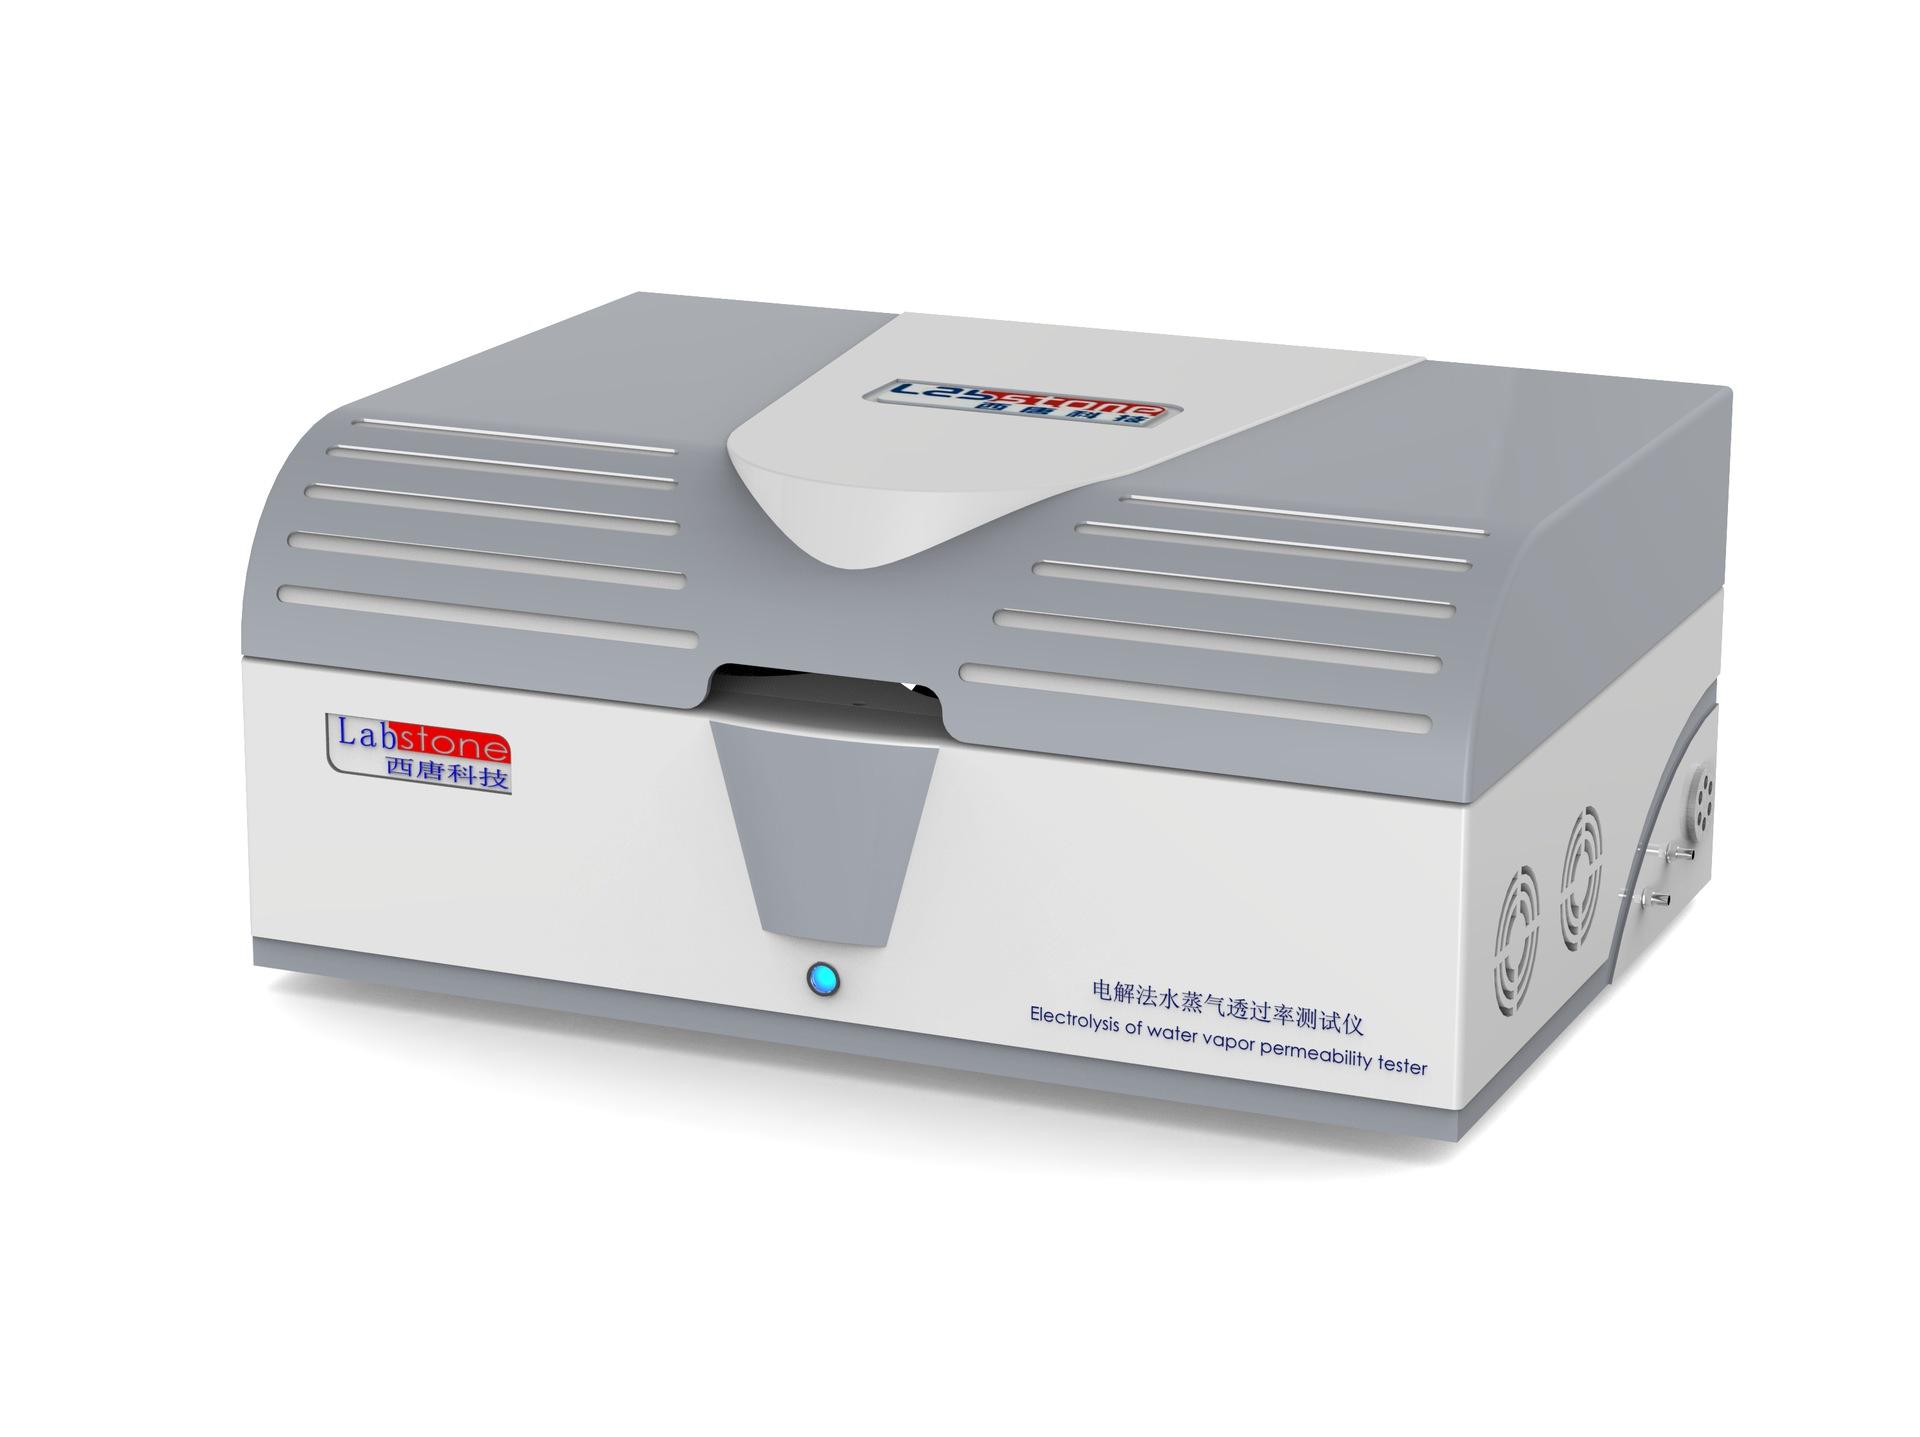 广州西唐透湿仪电解法水蒸气透过率测试仪药包材透湿性检测透水仪